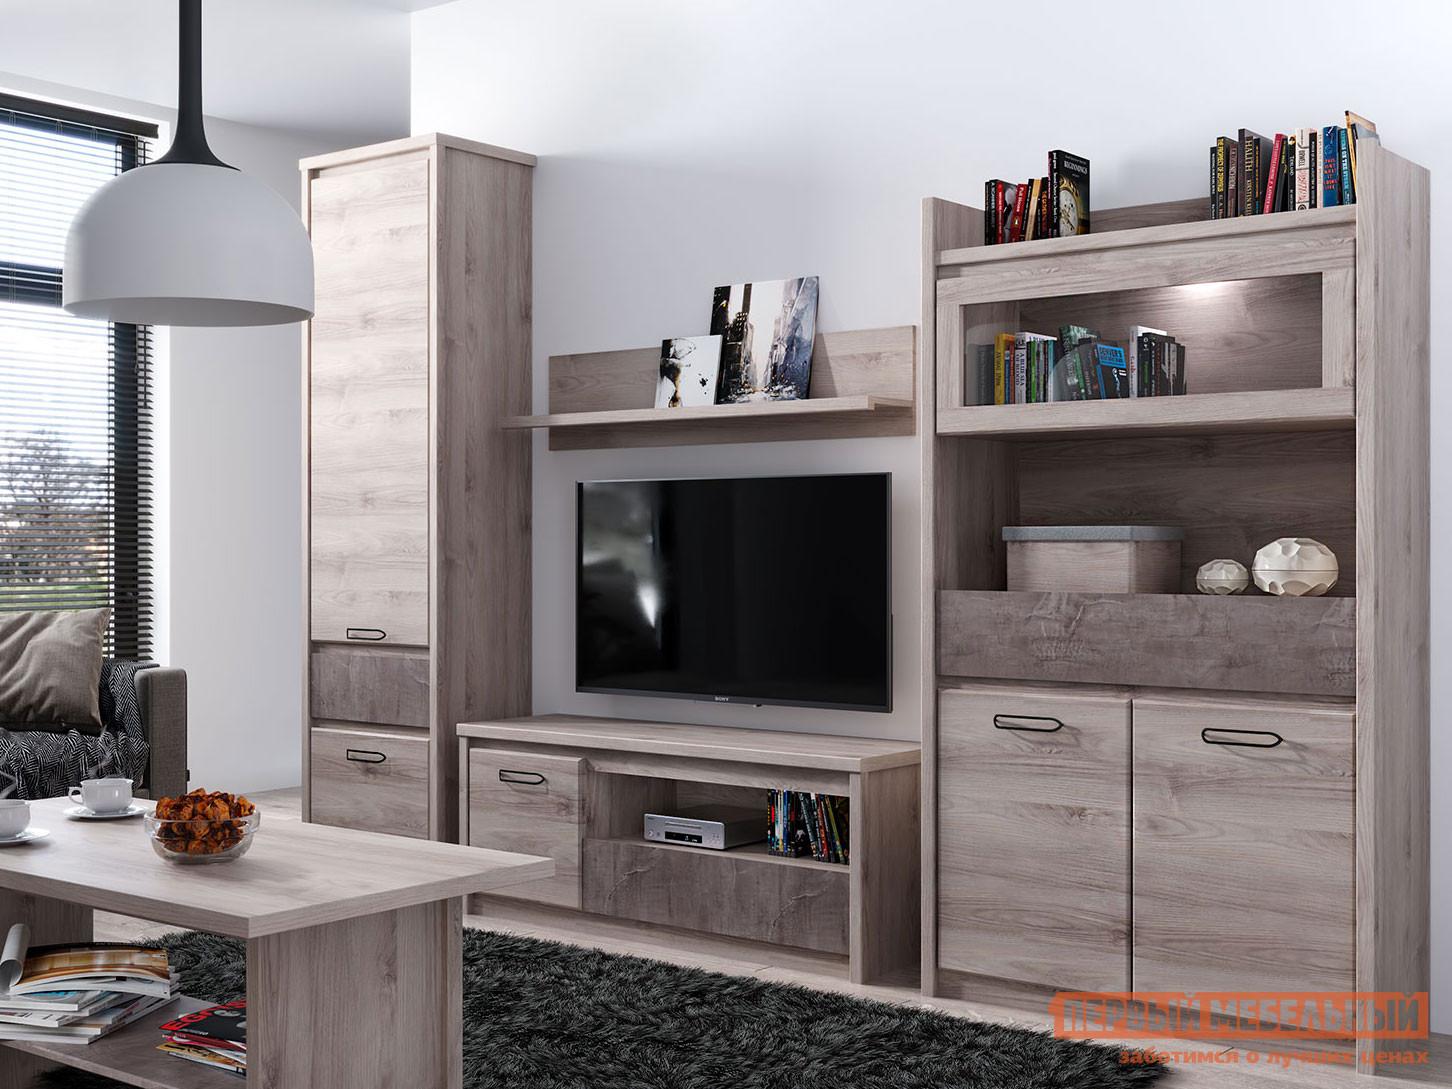 Гостиная Первый Мебельный Гостиная Джаз К2 гостиная первый мебельный гостиная элегия 5